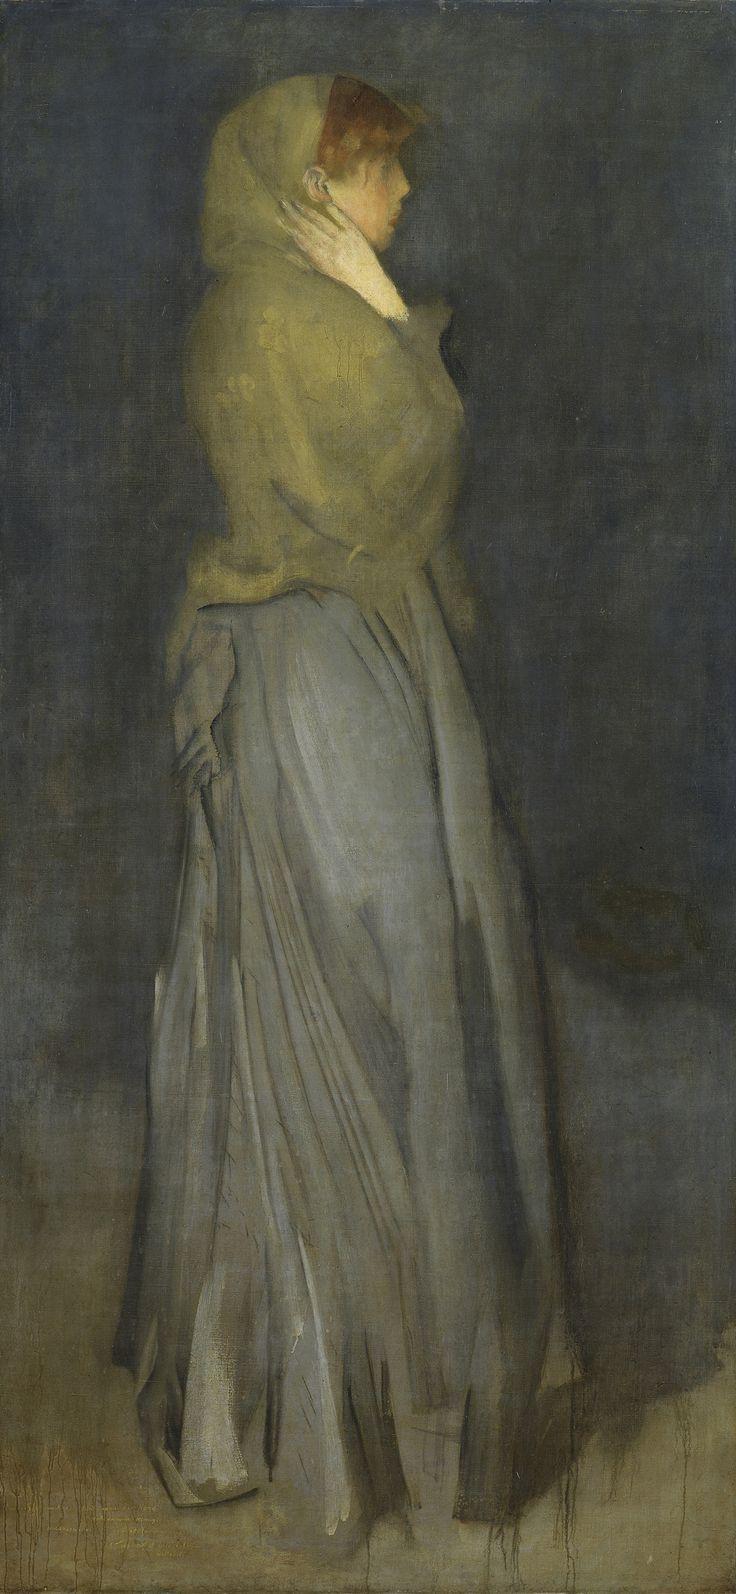 """Abbott Mc; Neill Whistler 'Arrangement in Yellow and Gray': Effie Deans Nederlands: Een staande jonge vrouw, ten voeten uit, in profiel naar rechts. Een van meerdere schilderijen van staande vrouwen met de titel """"Arrangement ..."""" uit de jaren 1874-77 waarvoor Maud Franklin, de maîtresse van de kunstenaar, heeft geposeerd. De bijtitel """"Effie Deans"""", die naar een van de hoofdpersonages in Walter Scott's roman """"The Heart of Midlothian"""" (1818) verwijst, werd in 1886 voor het eerst gebruikt…"""